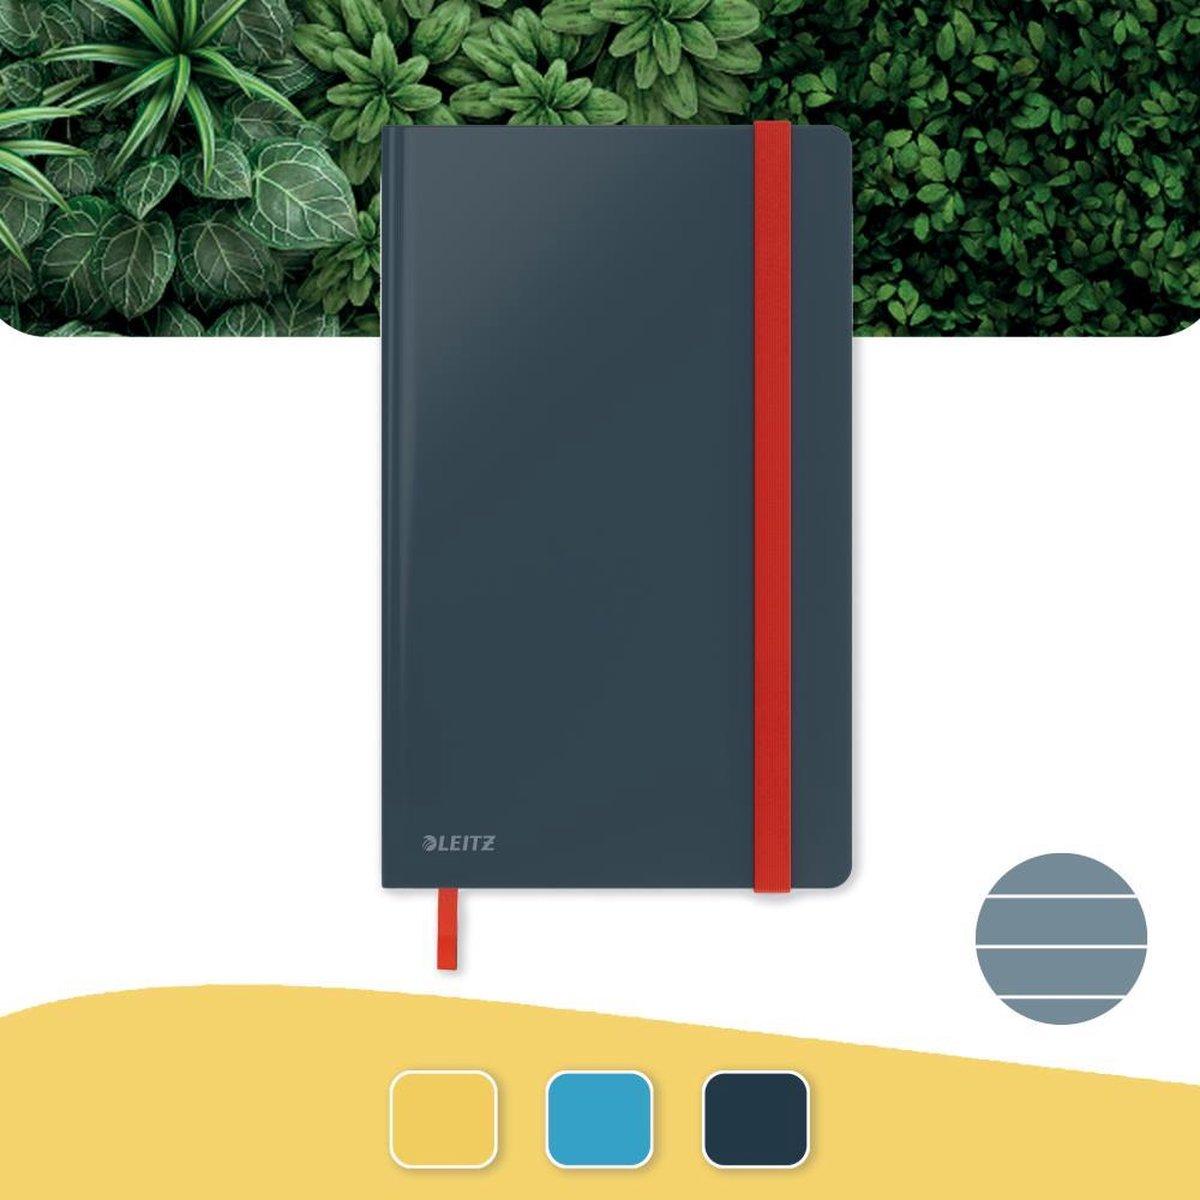 Leitz Cosy Notitieboek A5 Soft Touch Gelijnd - Notitieboek Hard Cover - Voor Kantoor En Thuiswerken - Fluweel Grijs - Ideaal Voor Thuiskantoor